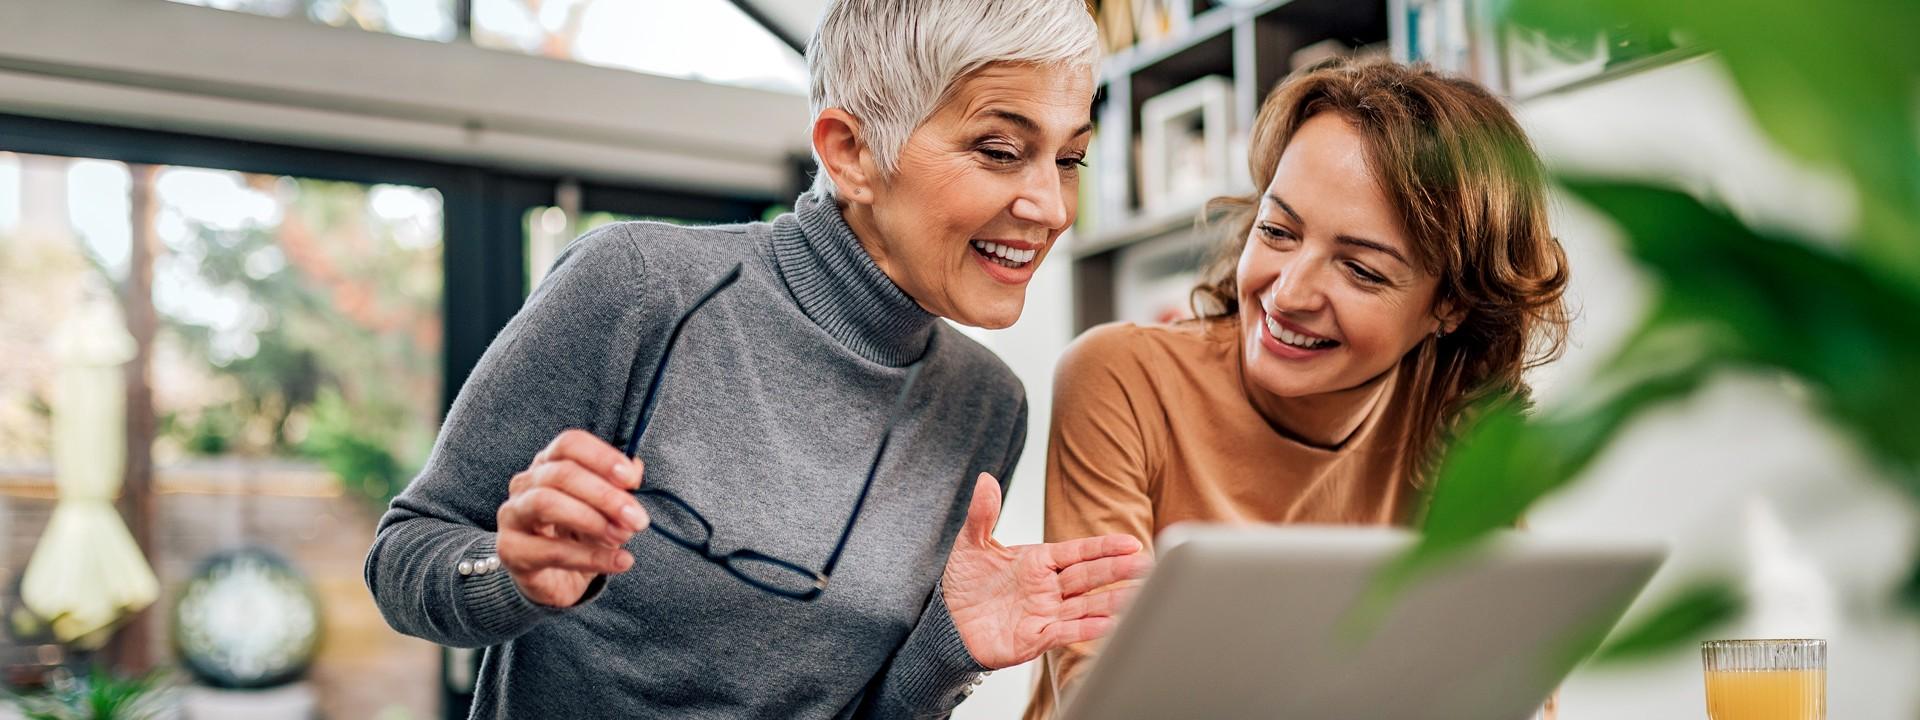 Eine Seniorin mit einer Brille in der Hand und eine etwa 40 jährige Frau sitzen an einem Tisch. Vor ihnen steht ein Laptop und beide lächeln.